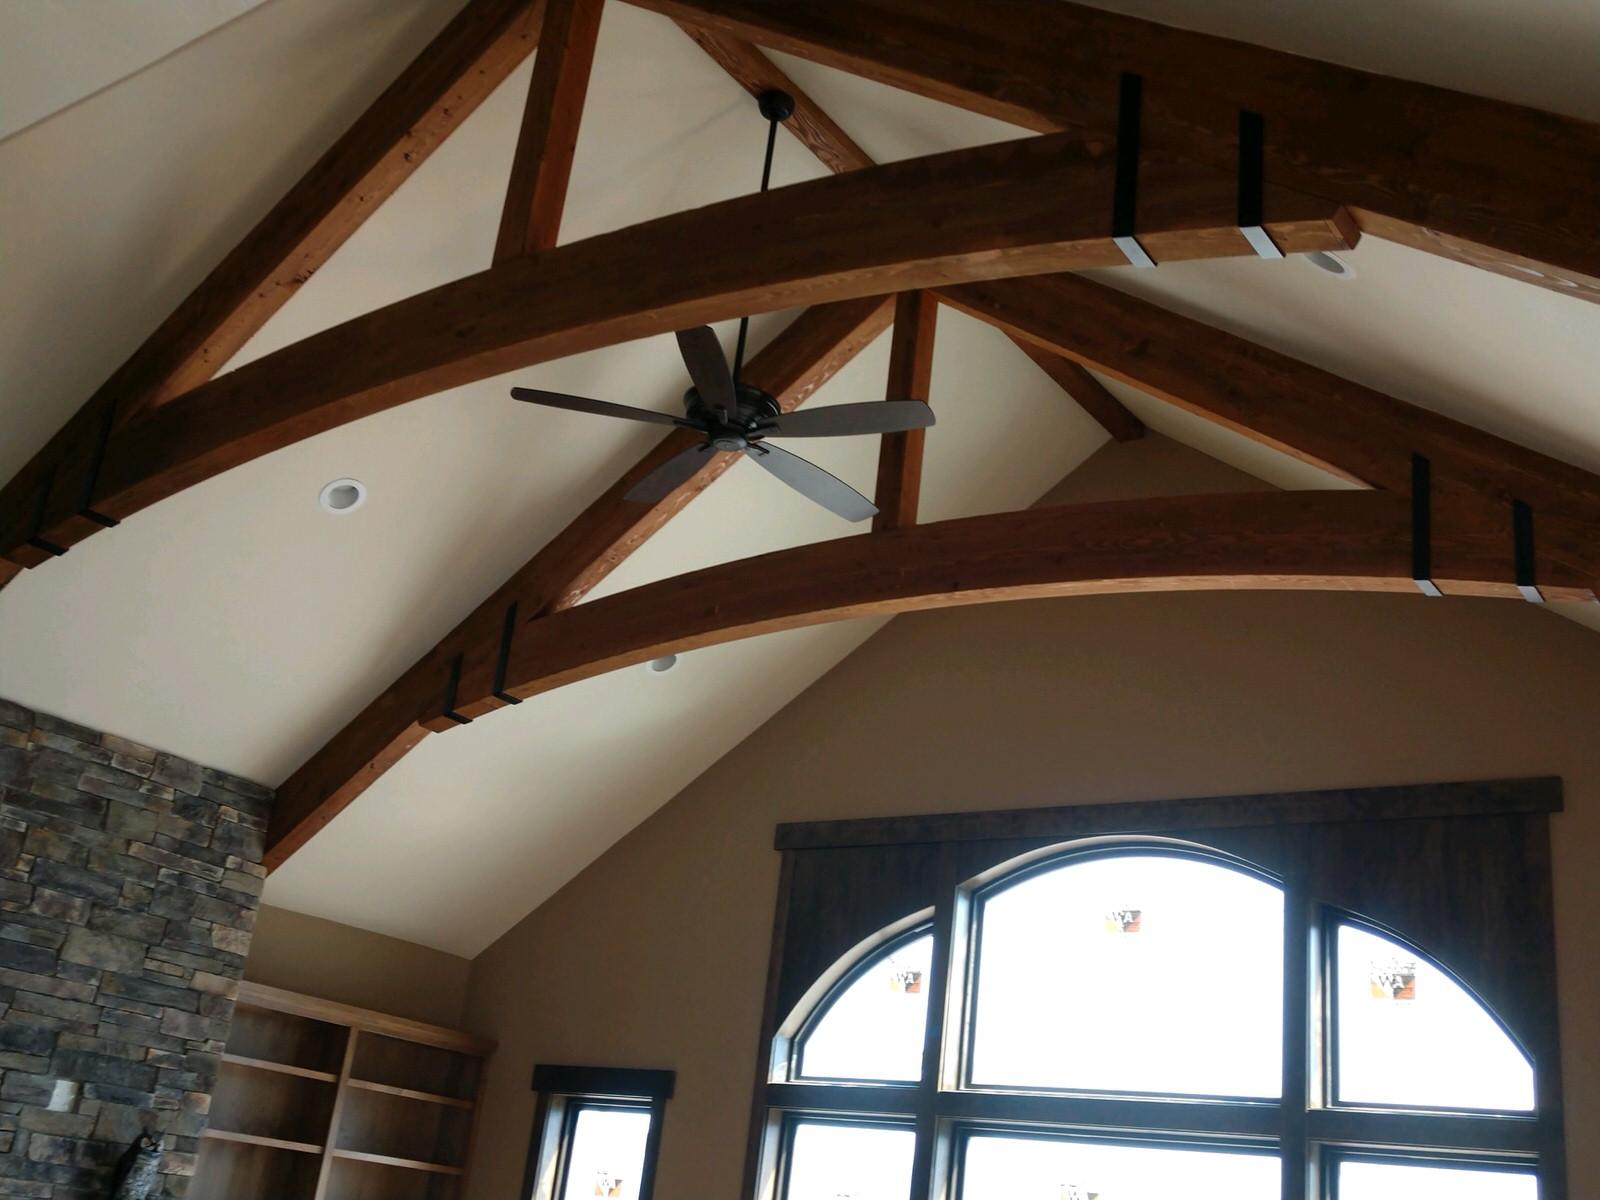 Arched Interior Beams 3.jpg